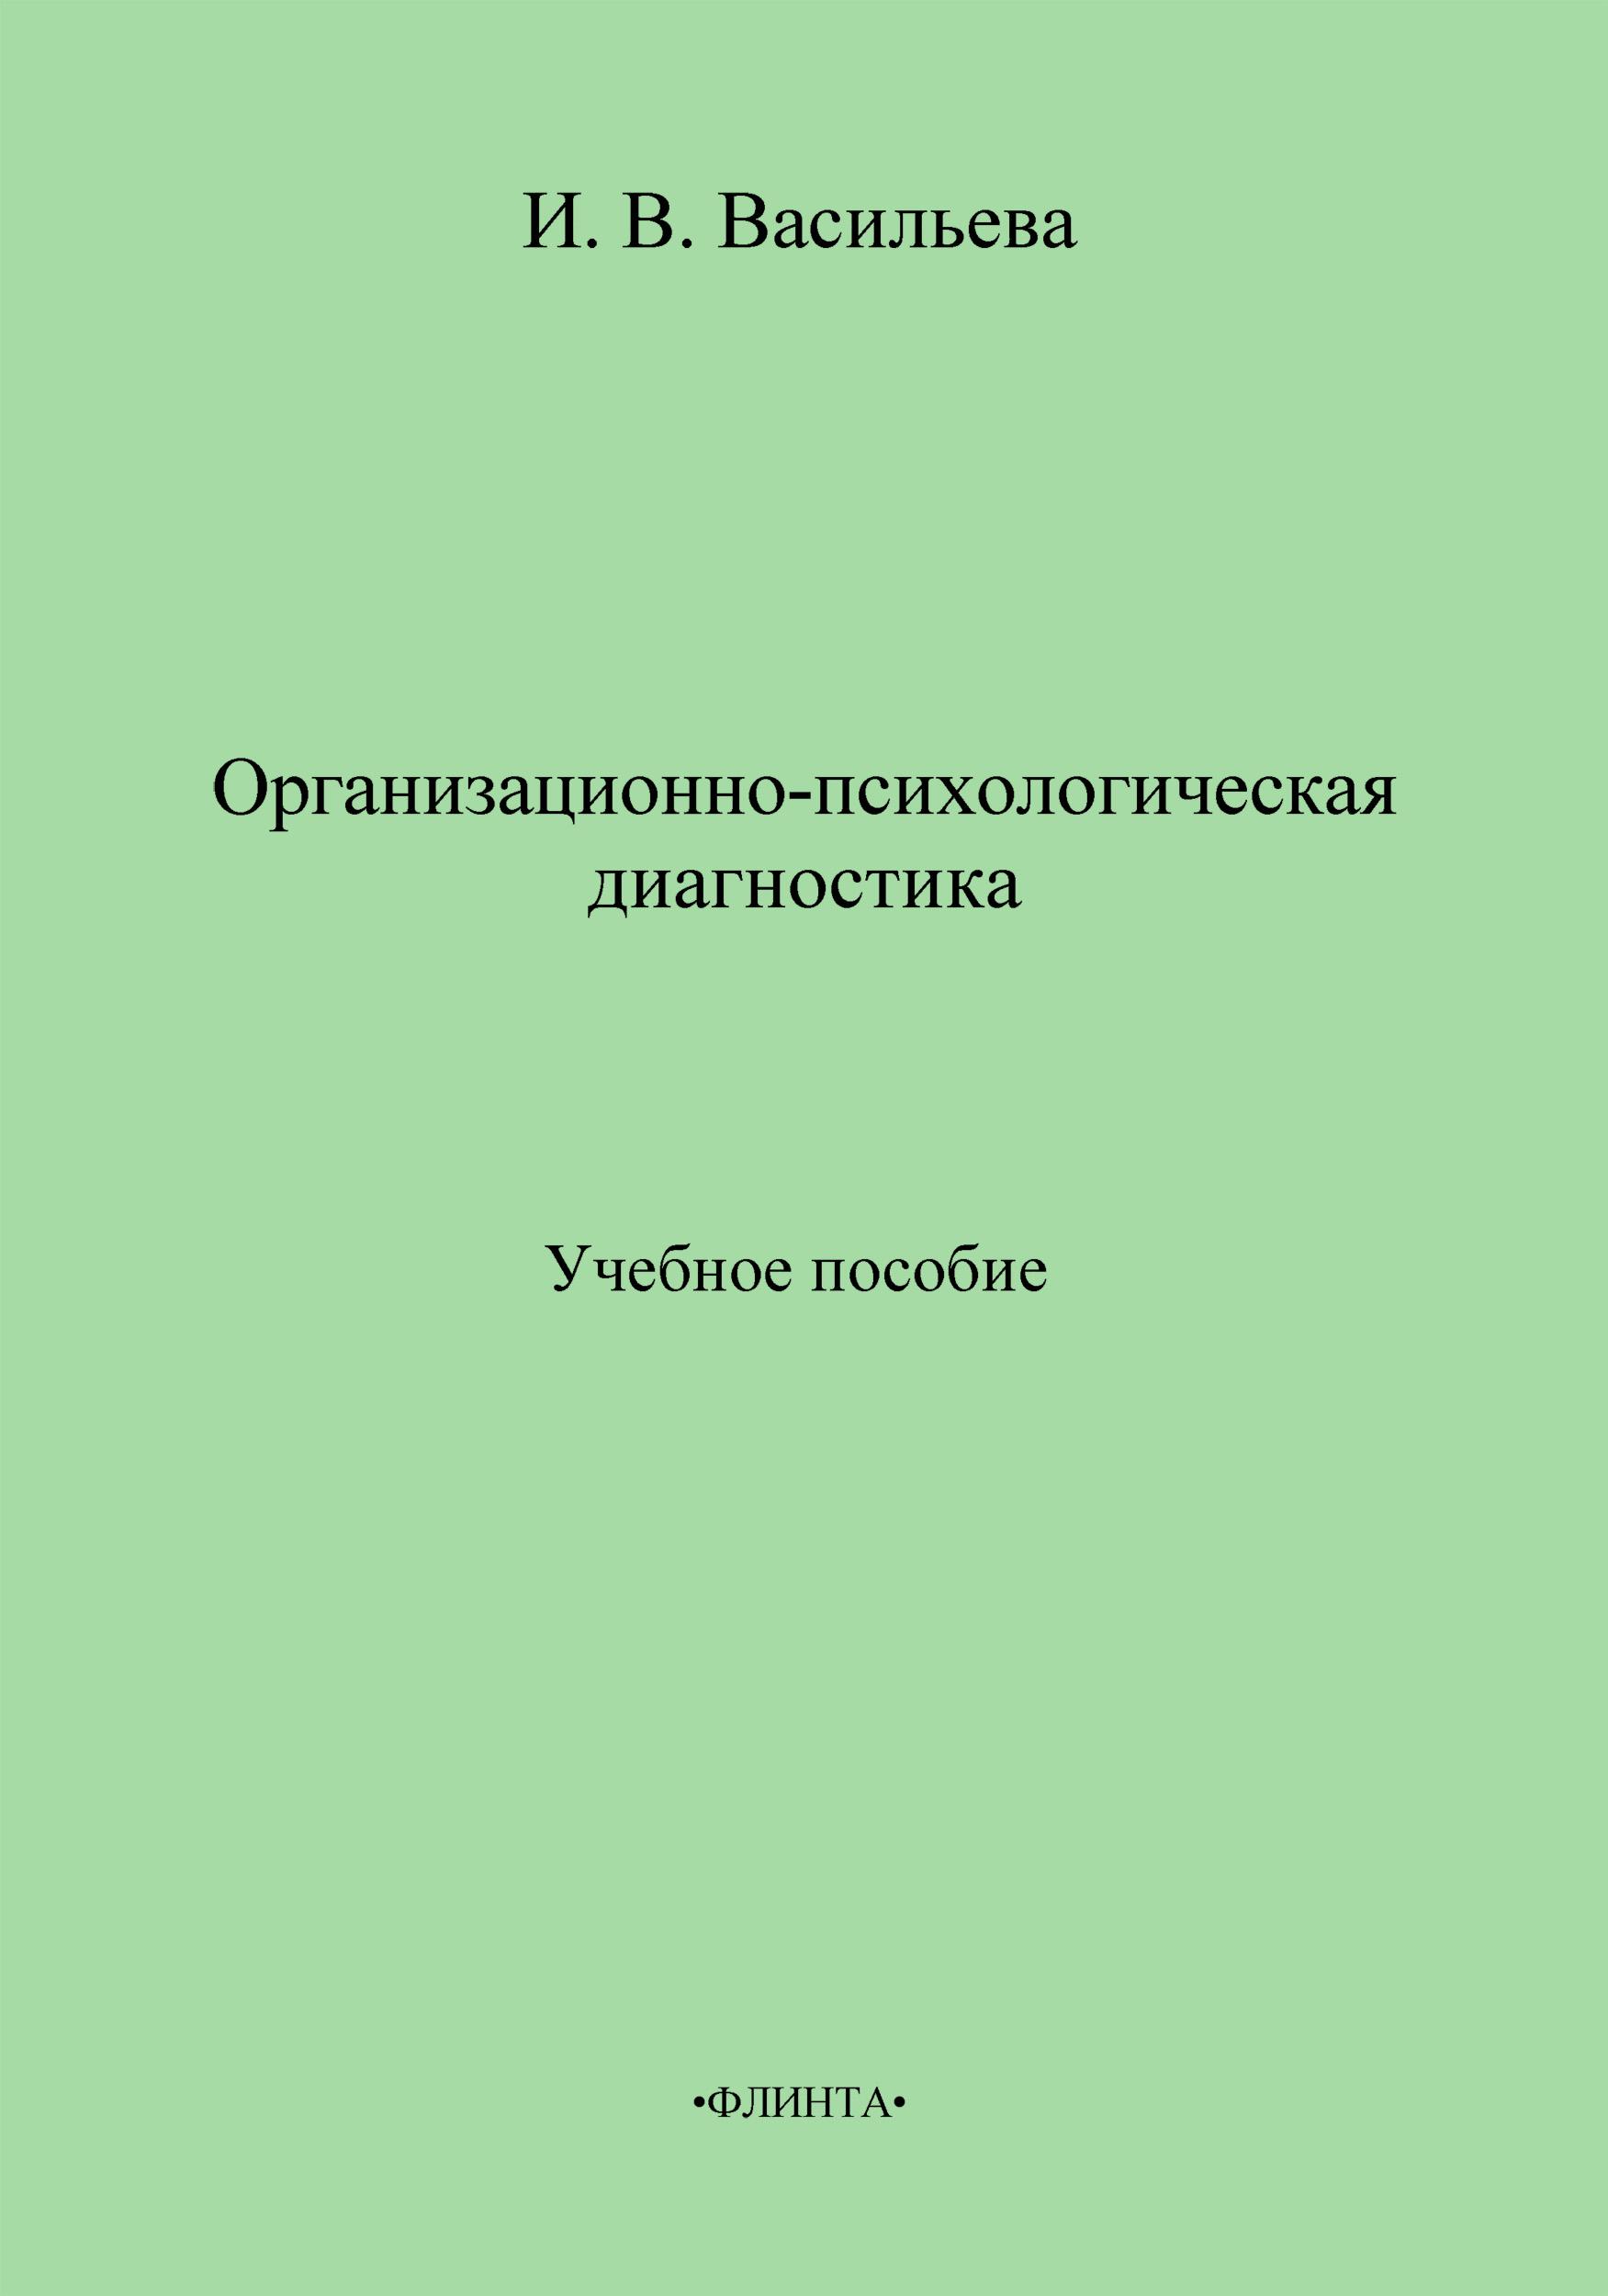 И. В. Васильева Организационно-психологическая диагностика. Учебное пособие психологическая диагностика